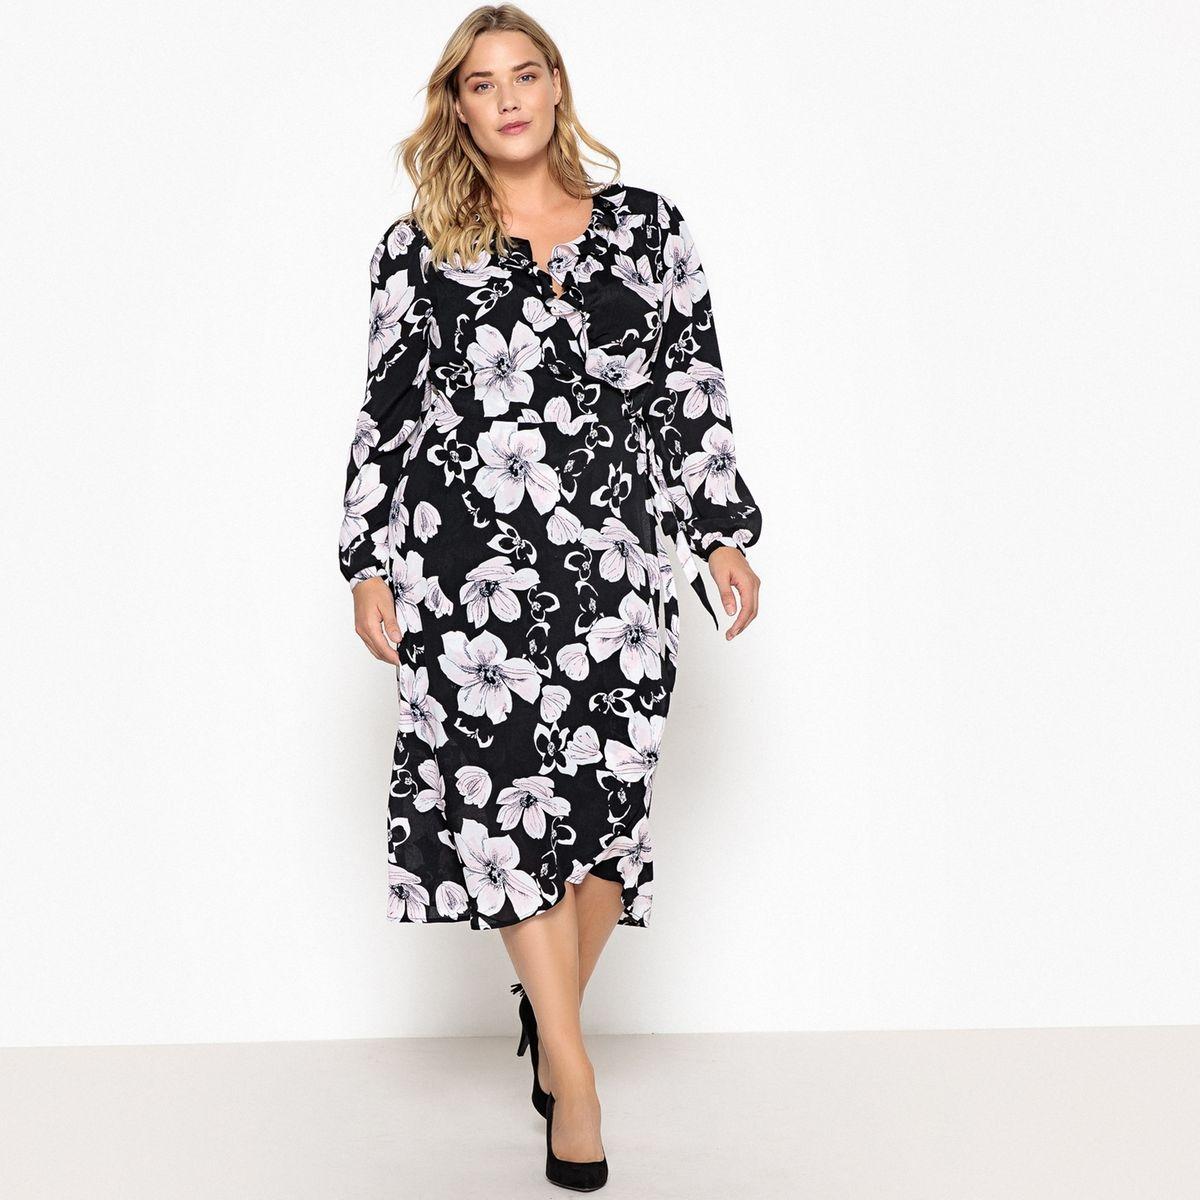 Robe portefeuille longue, imprimé fleurs